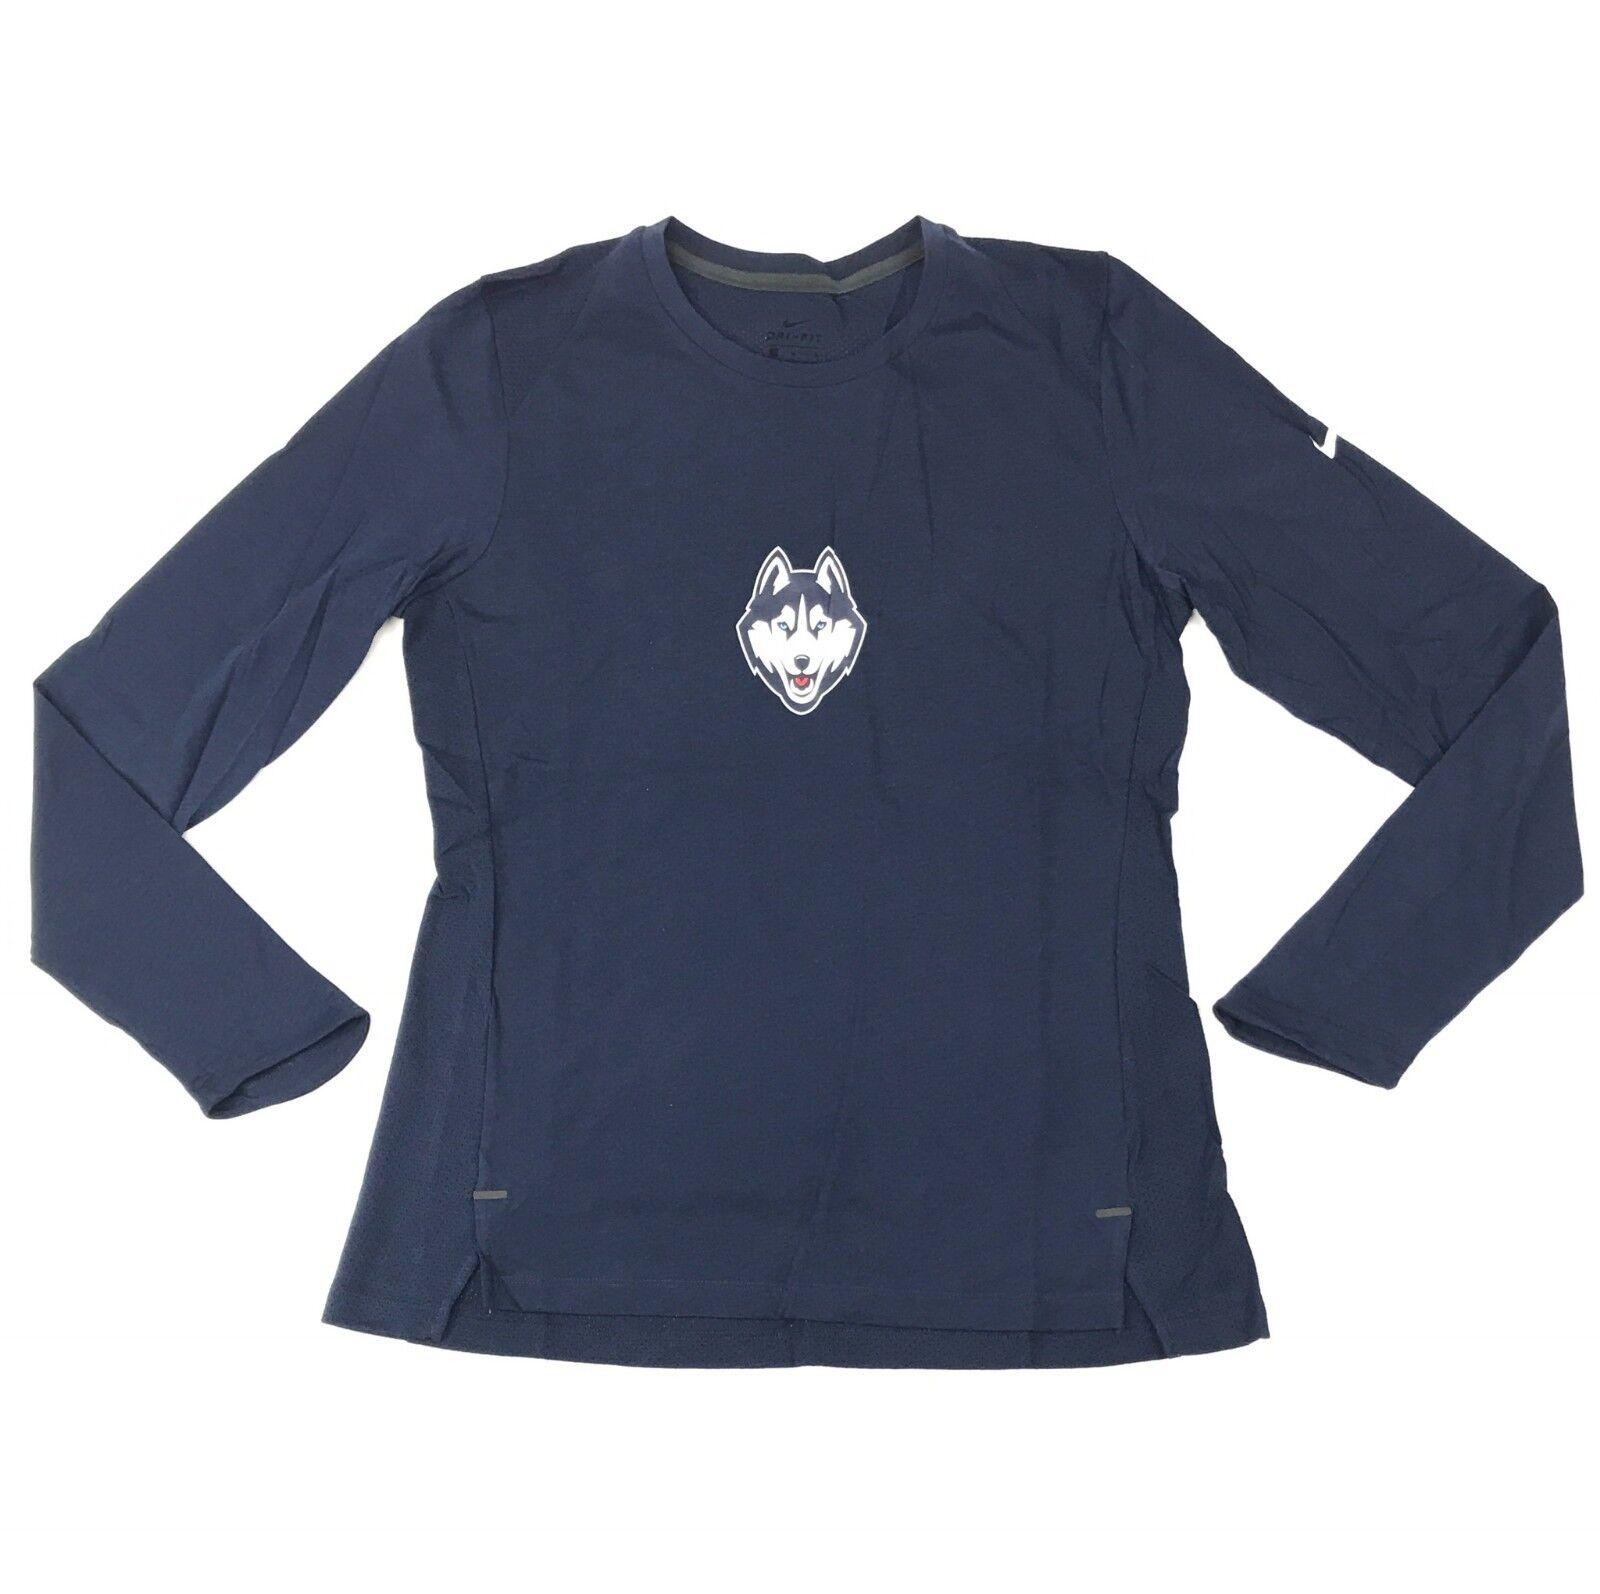 d08b3e31d Details about New Nike UCONN Huskies Hyper Elite Long Sleeve Shirt Women's  M Blue 867778 $60